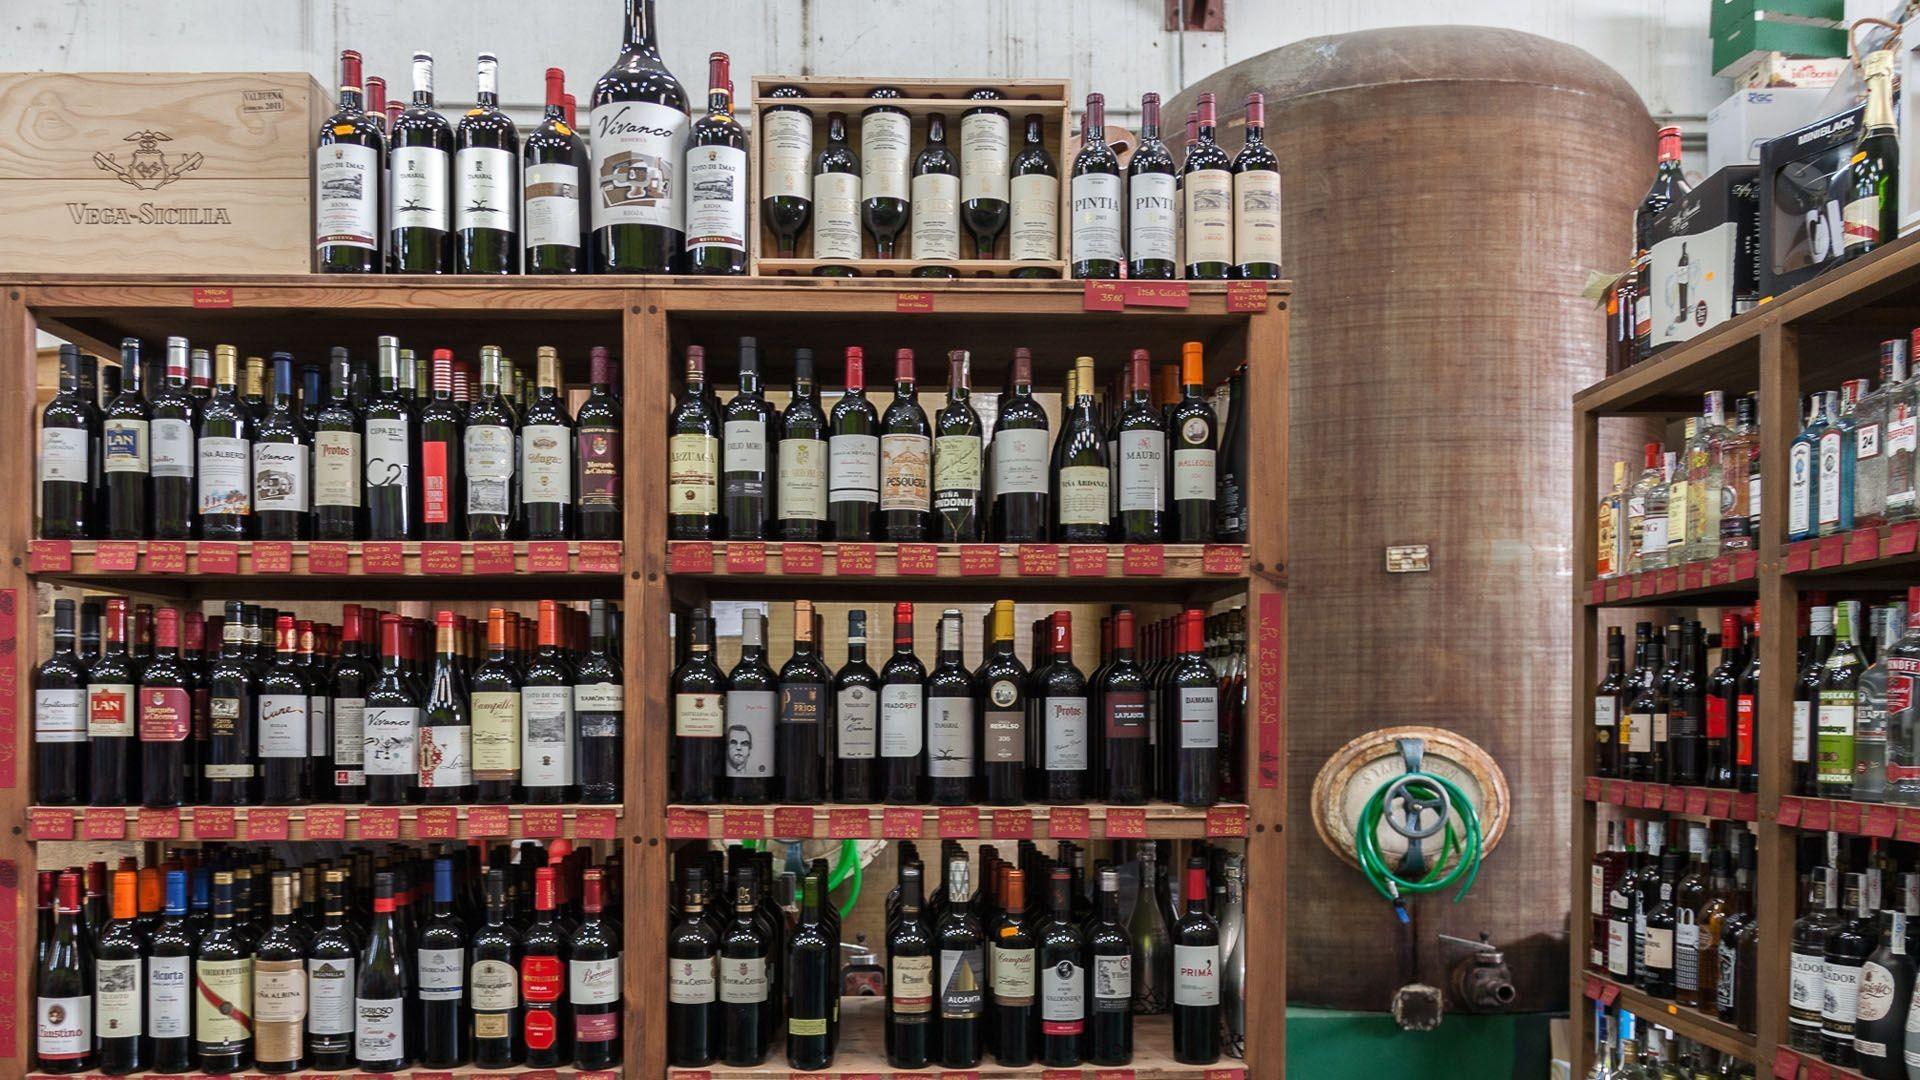 Venta de vinos de primera calidad en Aguilar de Campoo